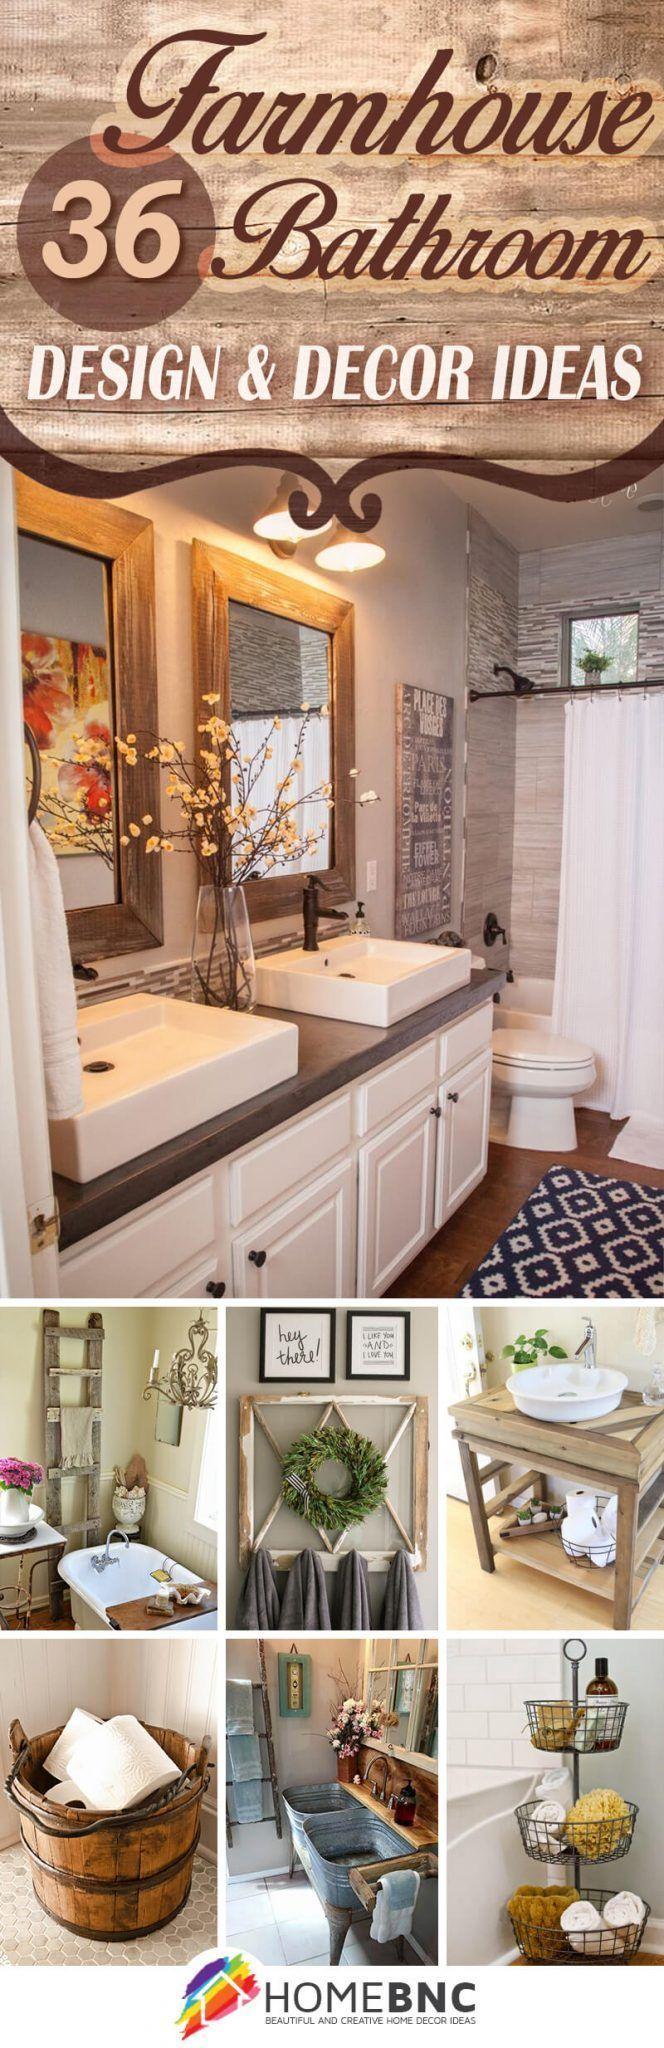 1907 school house farmhouse bathroom san luis obispo by - Best 25 Country Bathroom Design Ideas Ideas On Pinterest Small Country Bathrooms Country Bathrooms And Country Bathroom Decorations